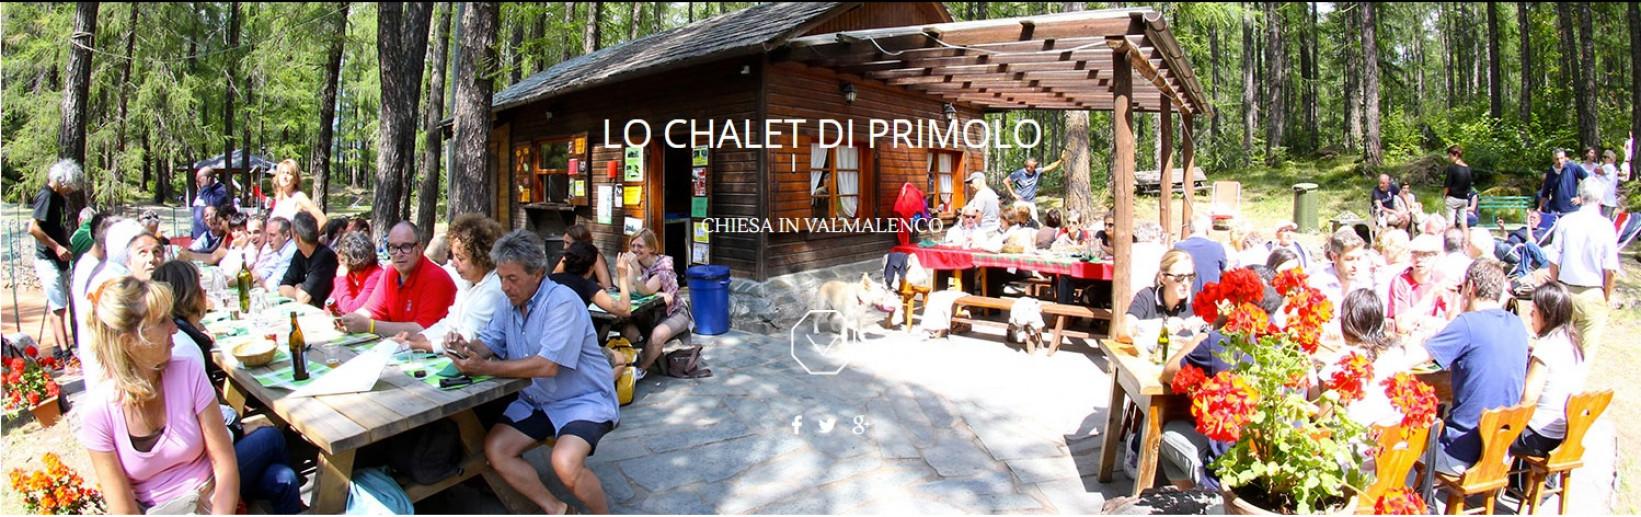 chalet di Primolo